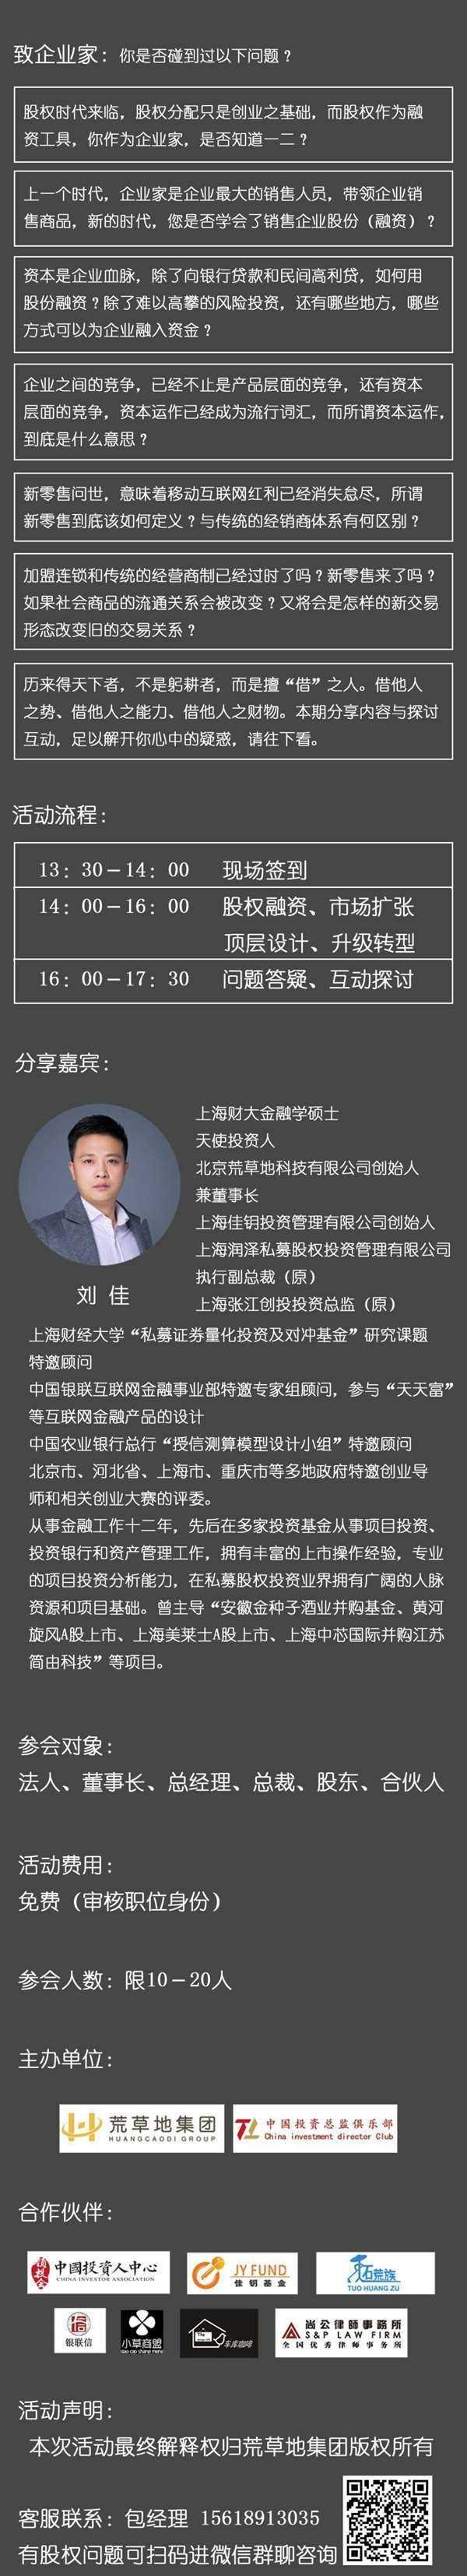 8.26私董会发布内容.jpg